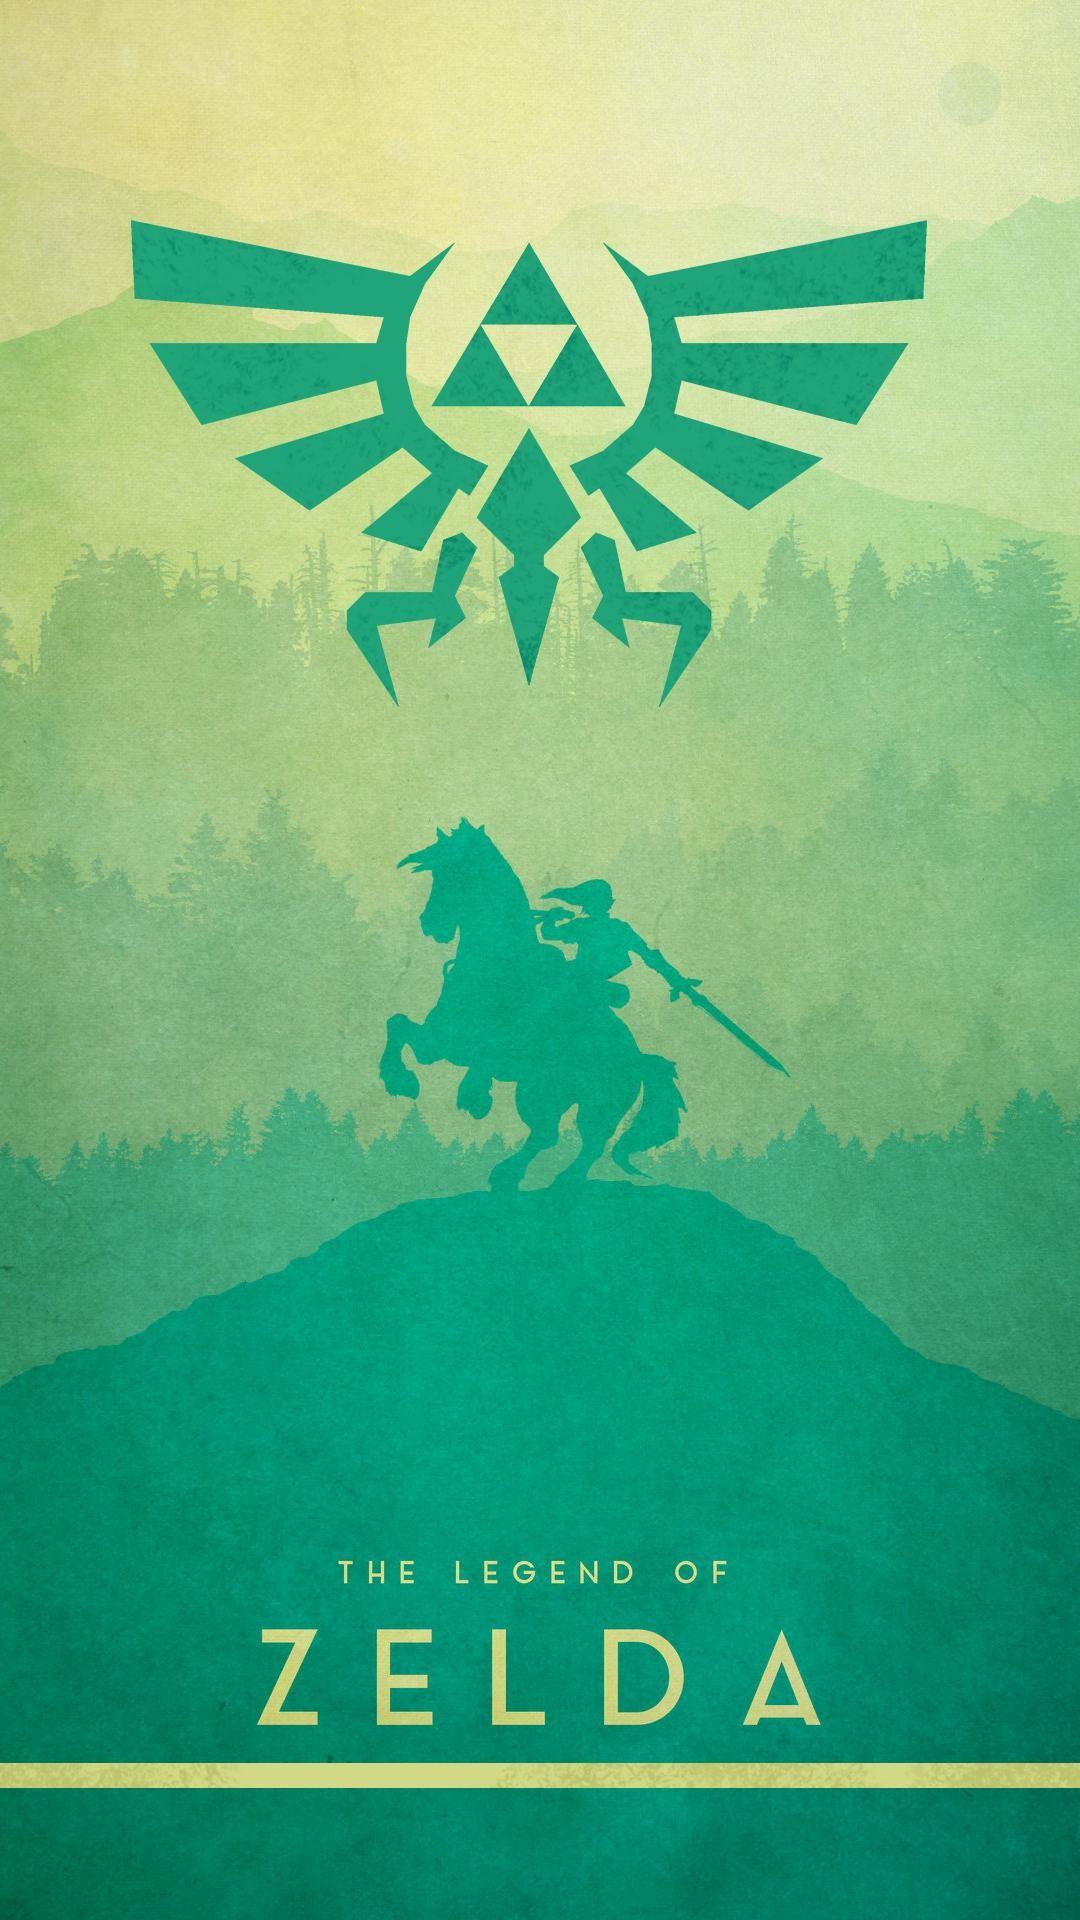 Zelda Botw Wallpaper Iphone X Letter L Wallpapers 183 ①